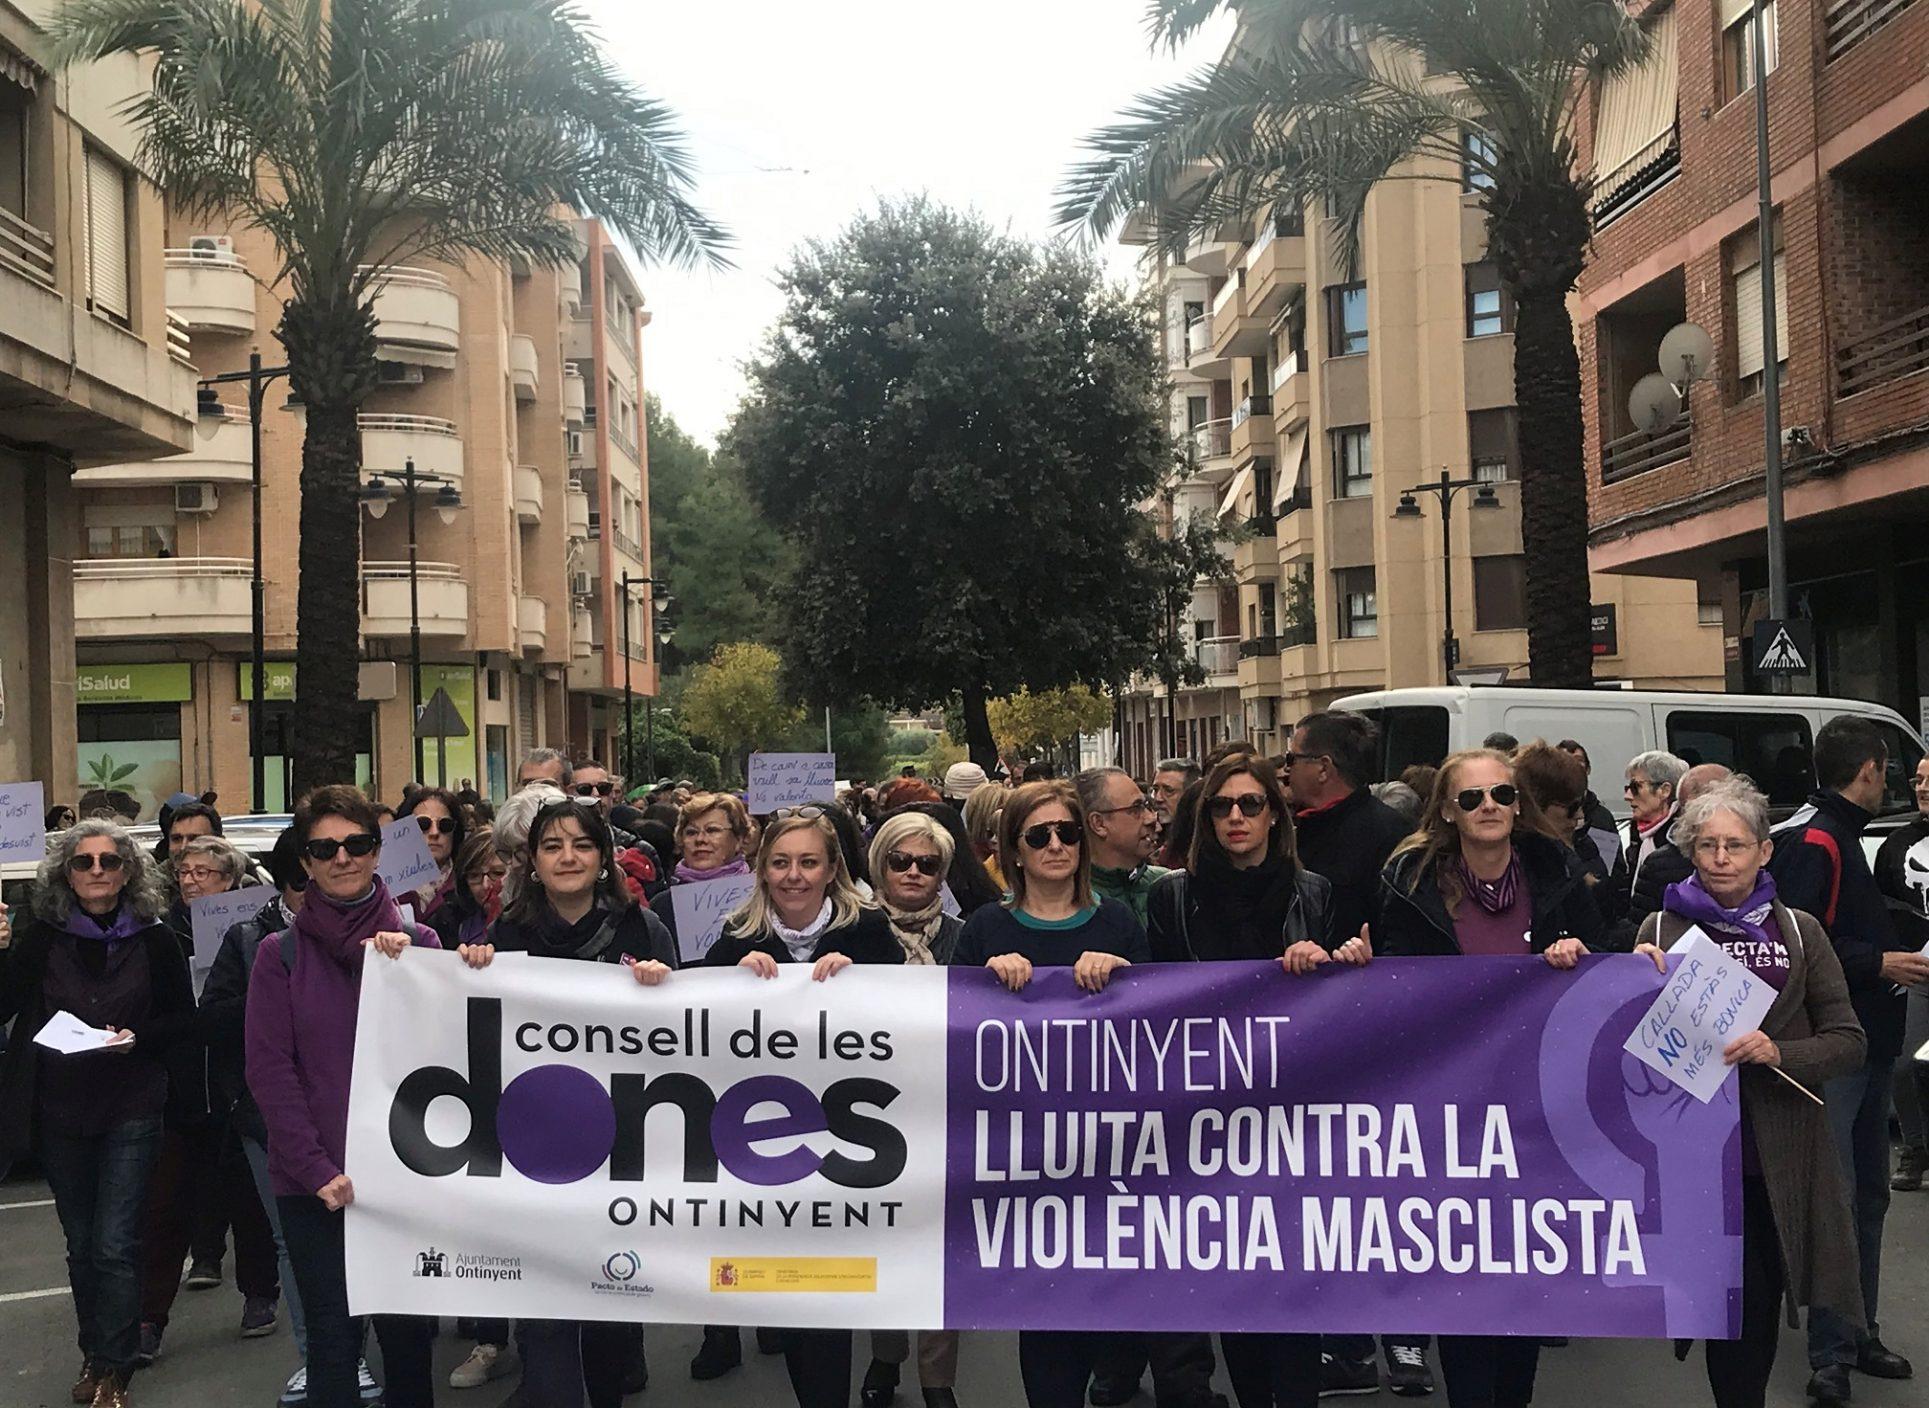 Ontinyent crida fort contra la violència de gènere El Periòdic d'Ontinyent